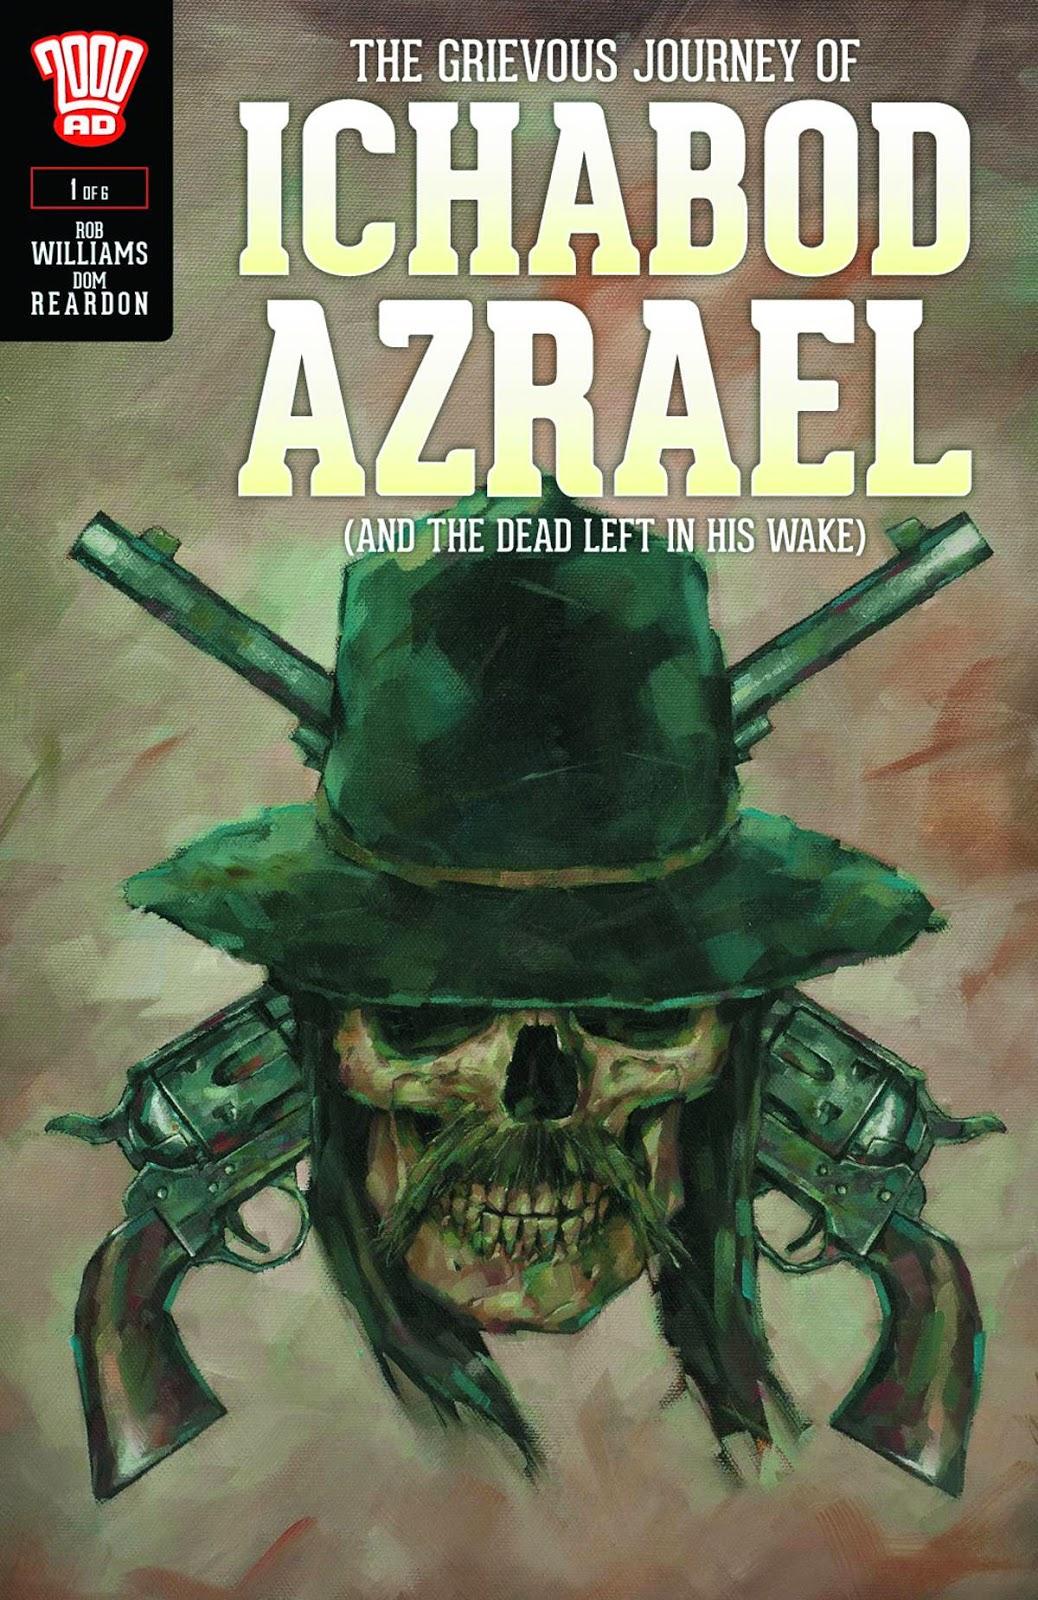 Ichabod Azrael cover, TheCultDen